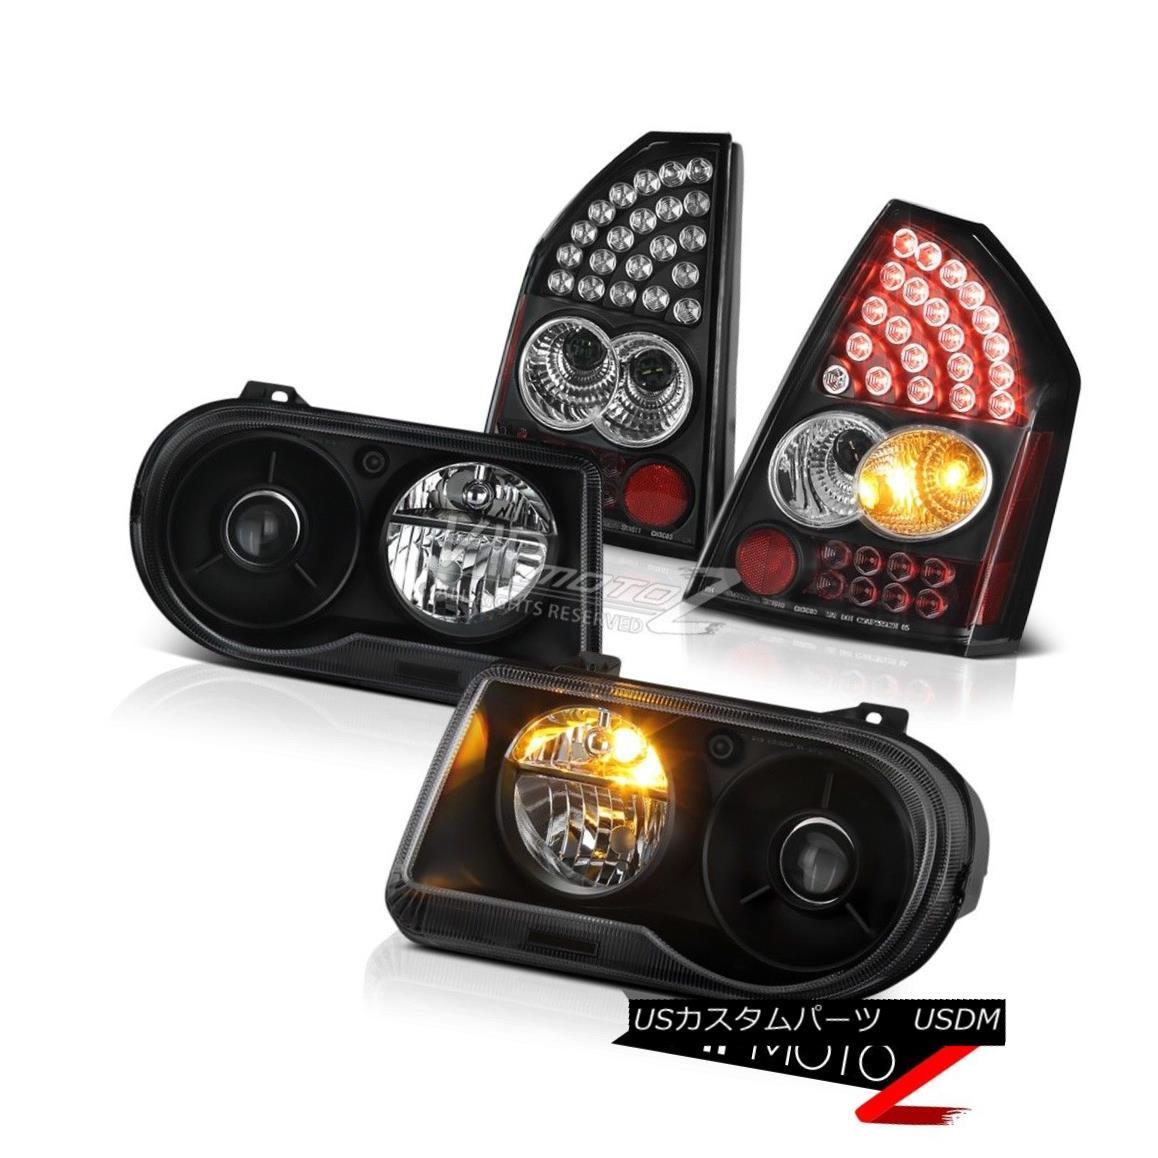 テールライト 2005-2007 Chrysler 300C SRT8 Black Left + Right Headlights LED Bright Taillights 2005-2007クライスラー300C SRT8ブラック左+ライトヘッドライトLEDブライトテイルライト